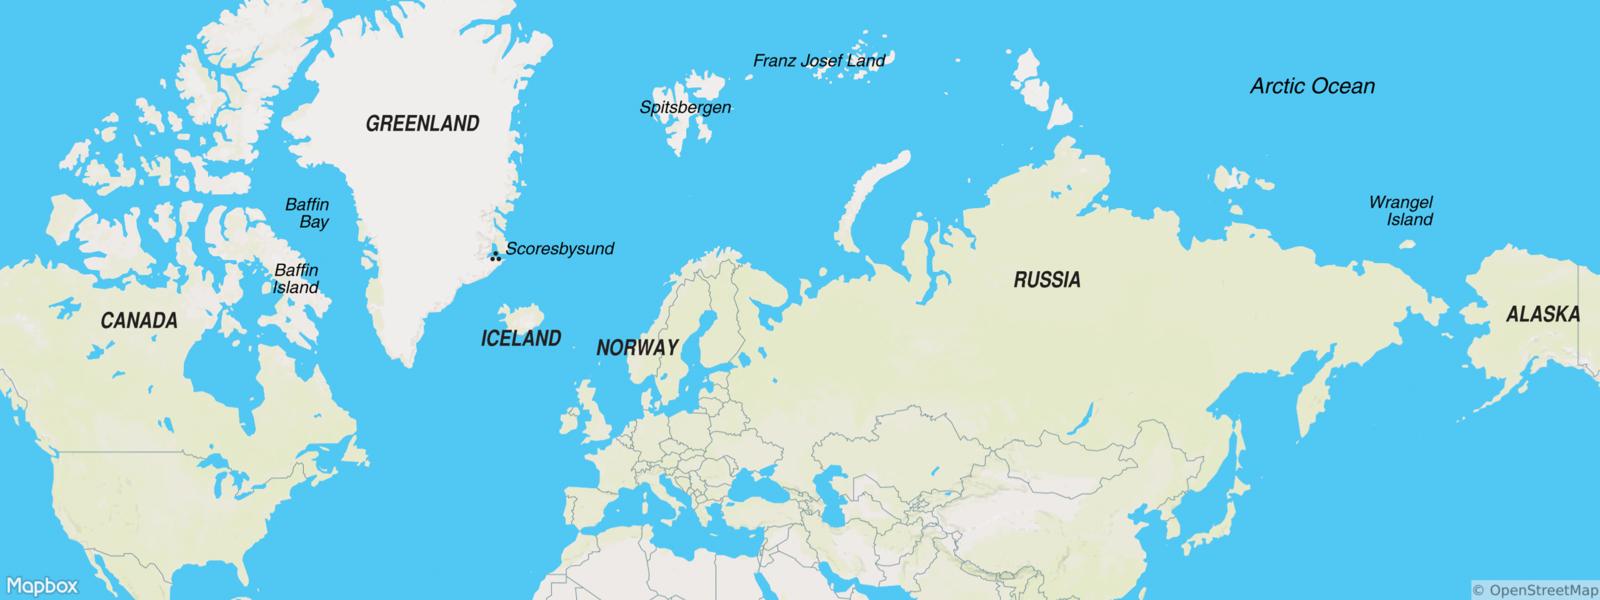 Arctiv Map